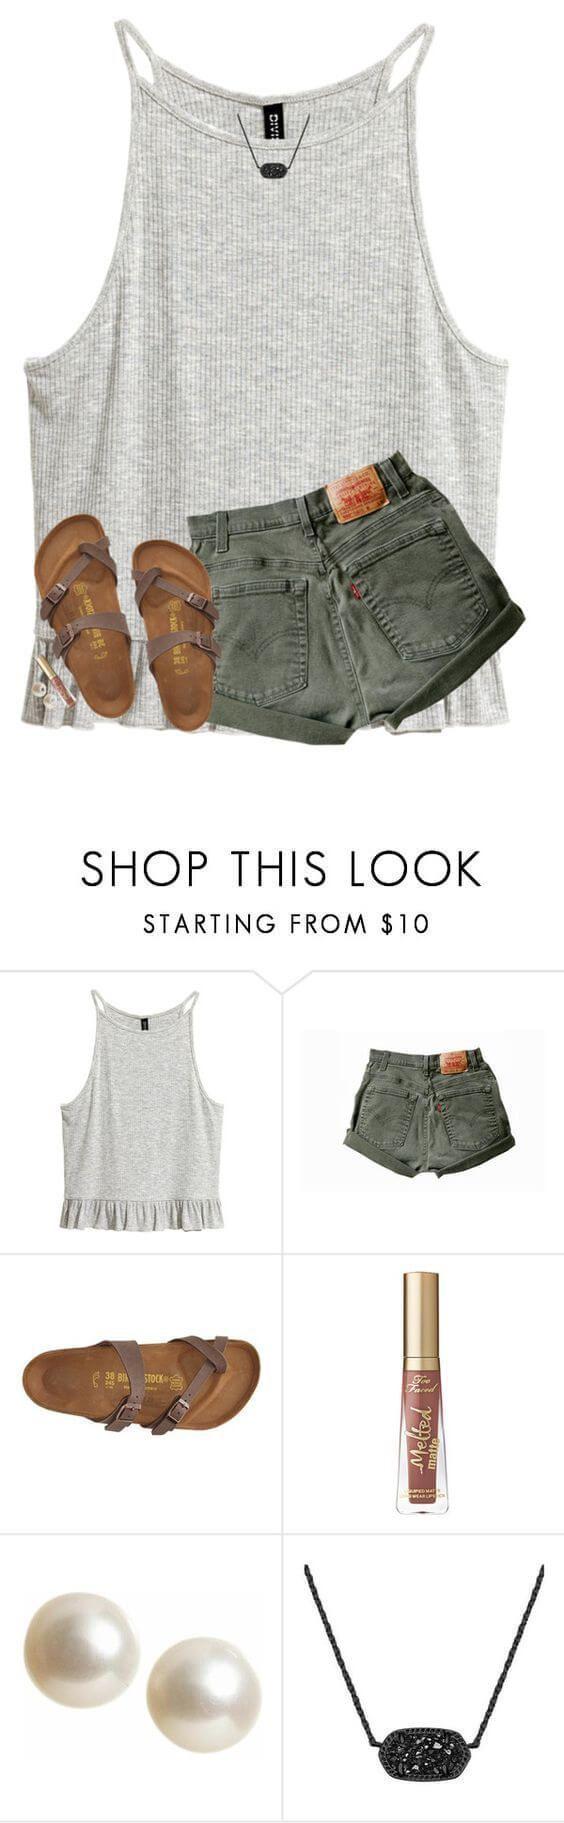 Idée et inspiration look d'été tendance 2017   Image   Description   27 Cool Jeans Short Outfits For This Summer